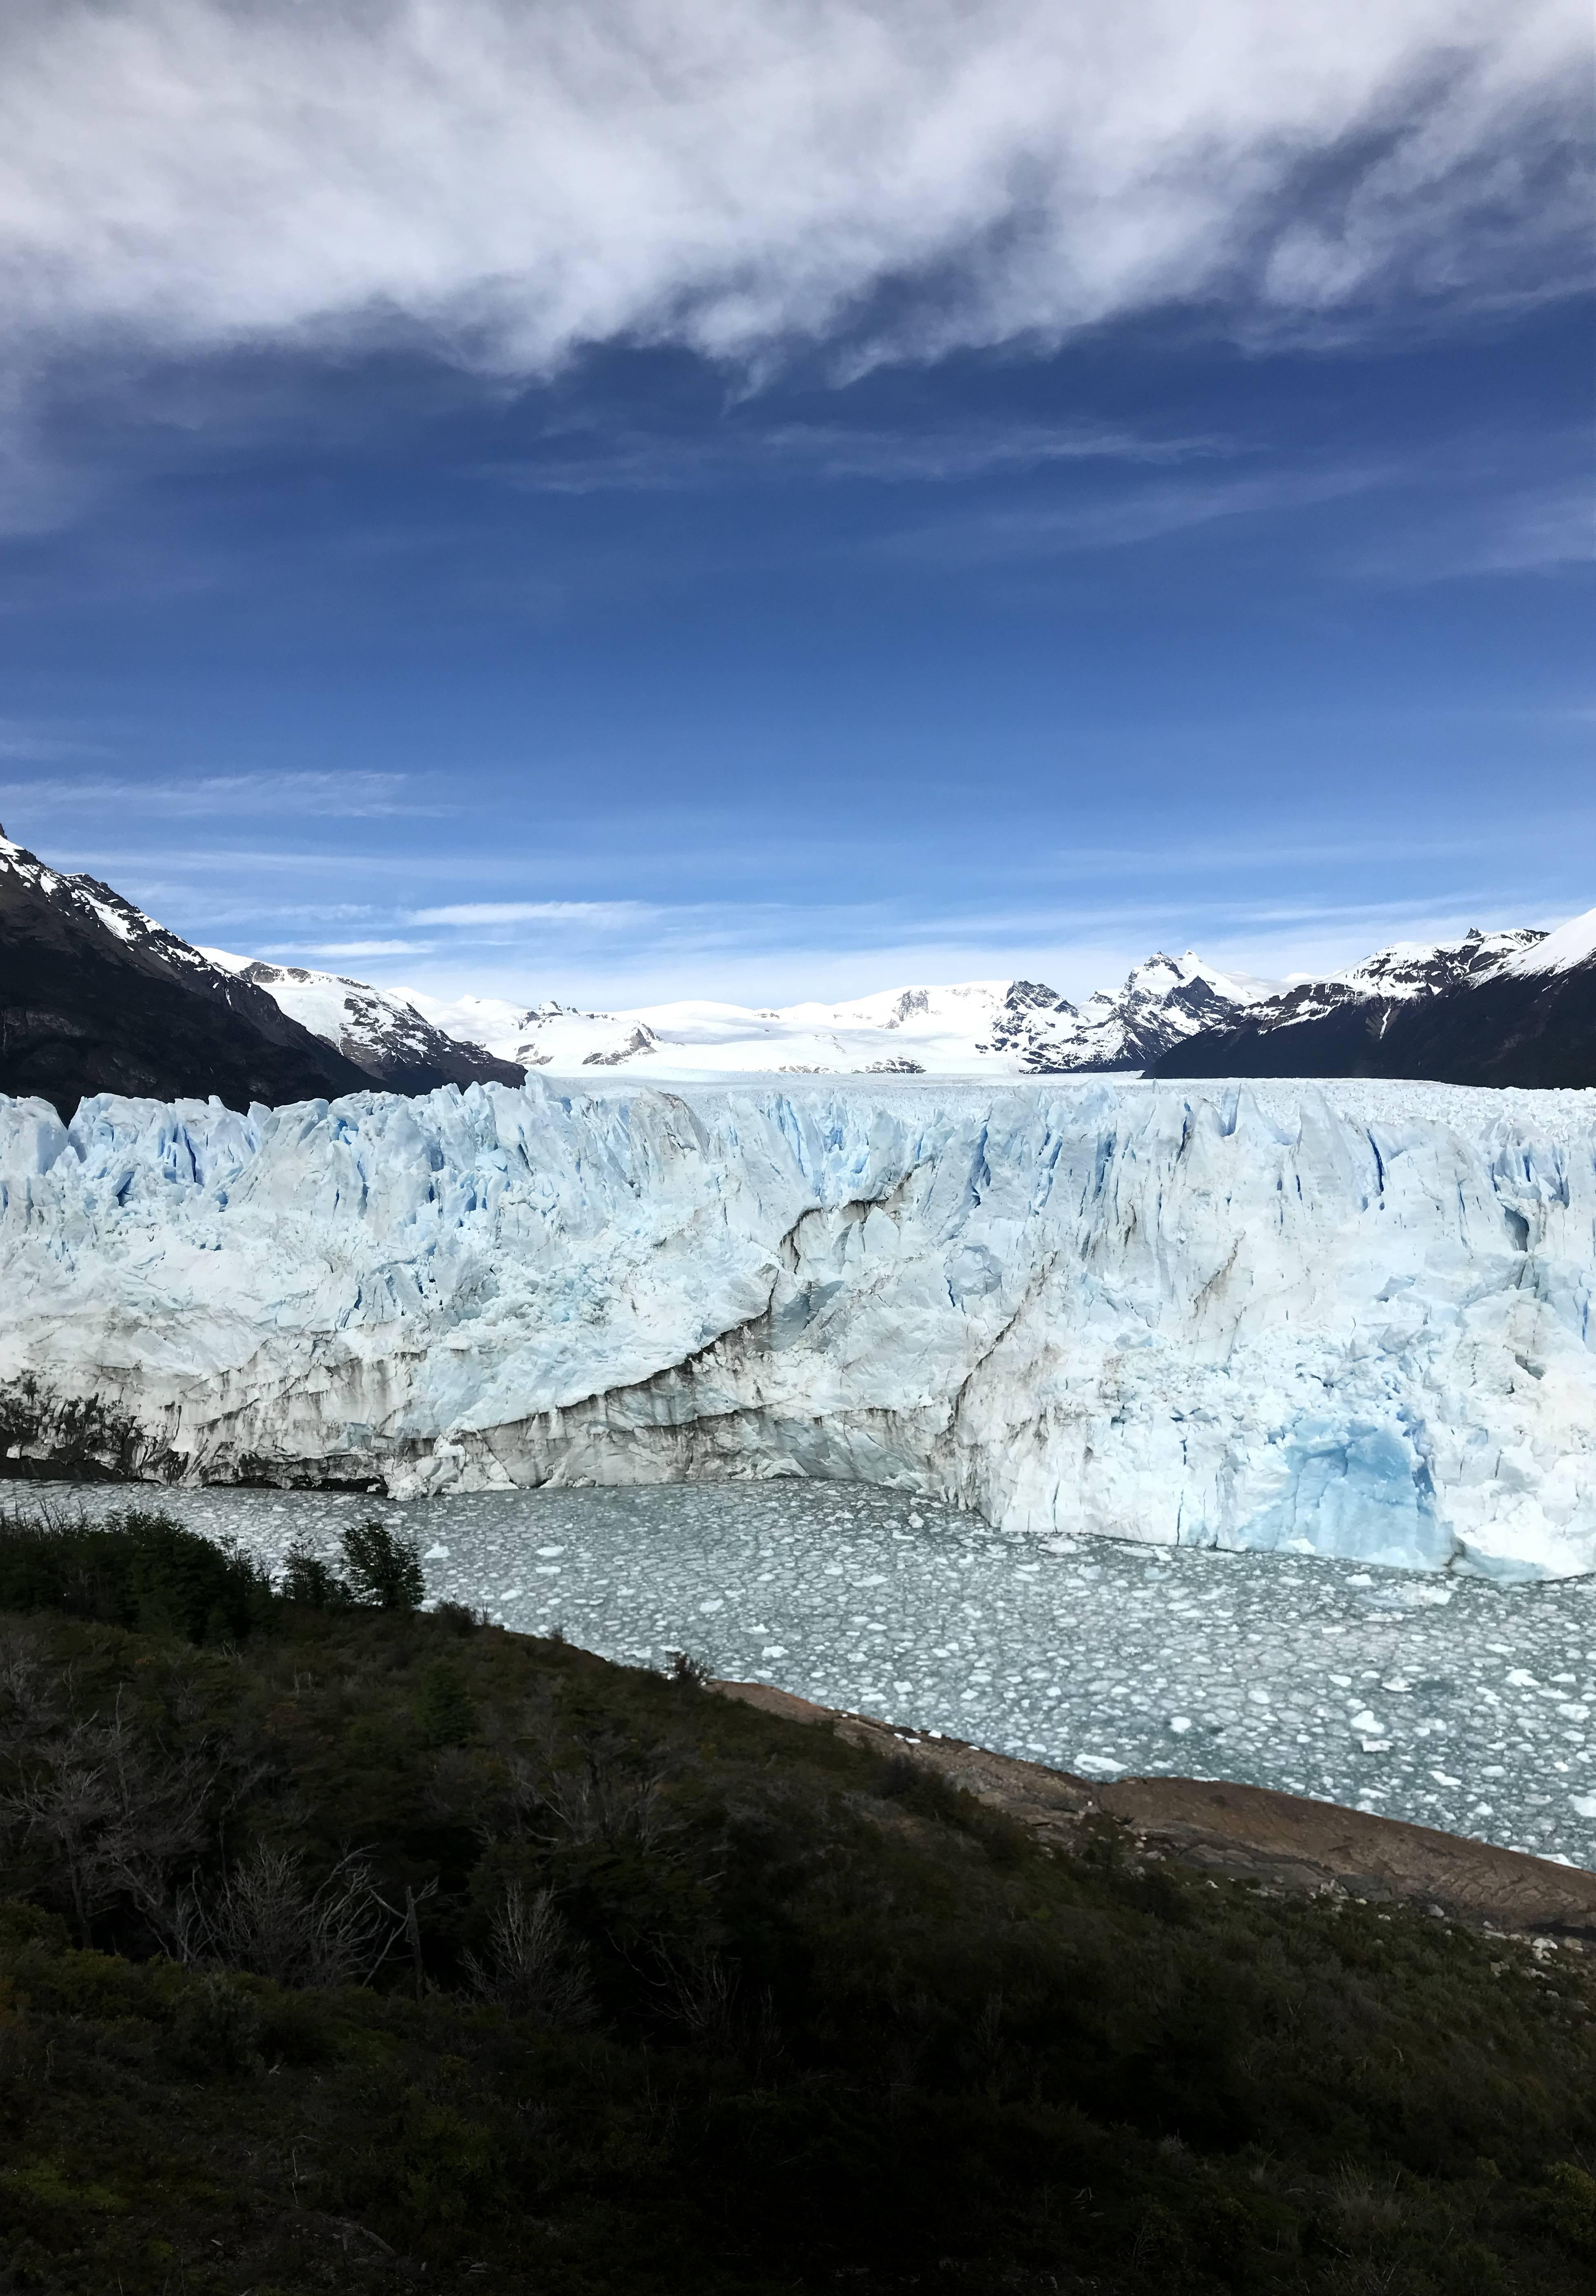 Photo 1: Perito Moreno, El calafate